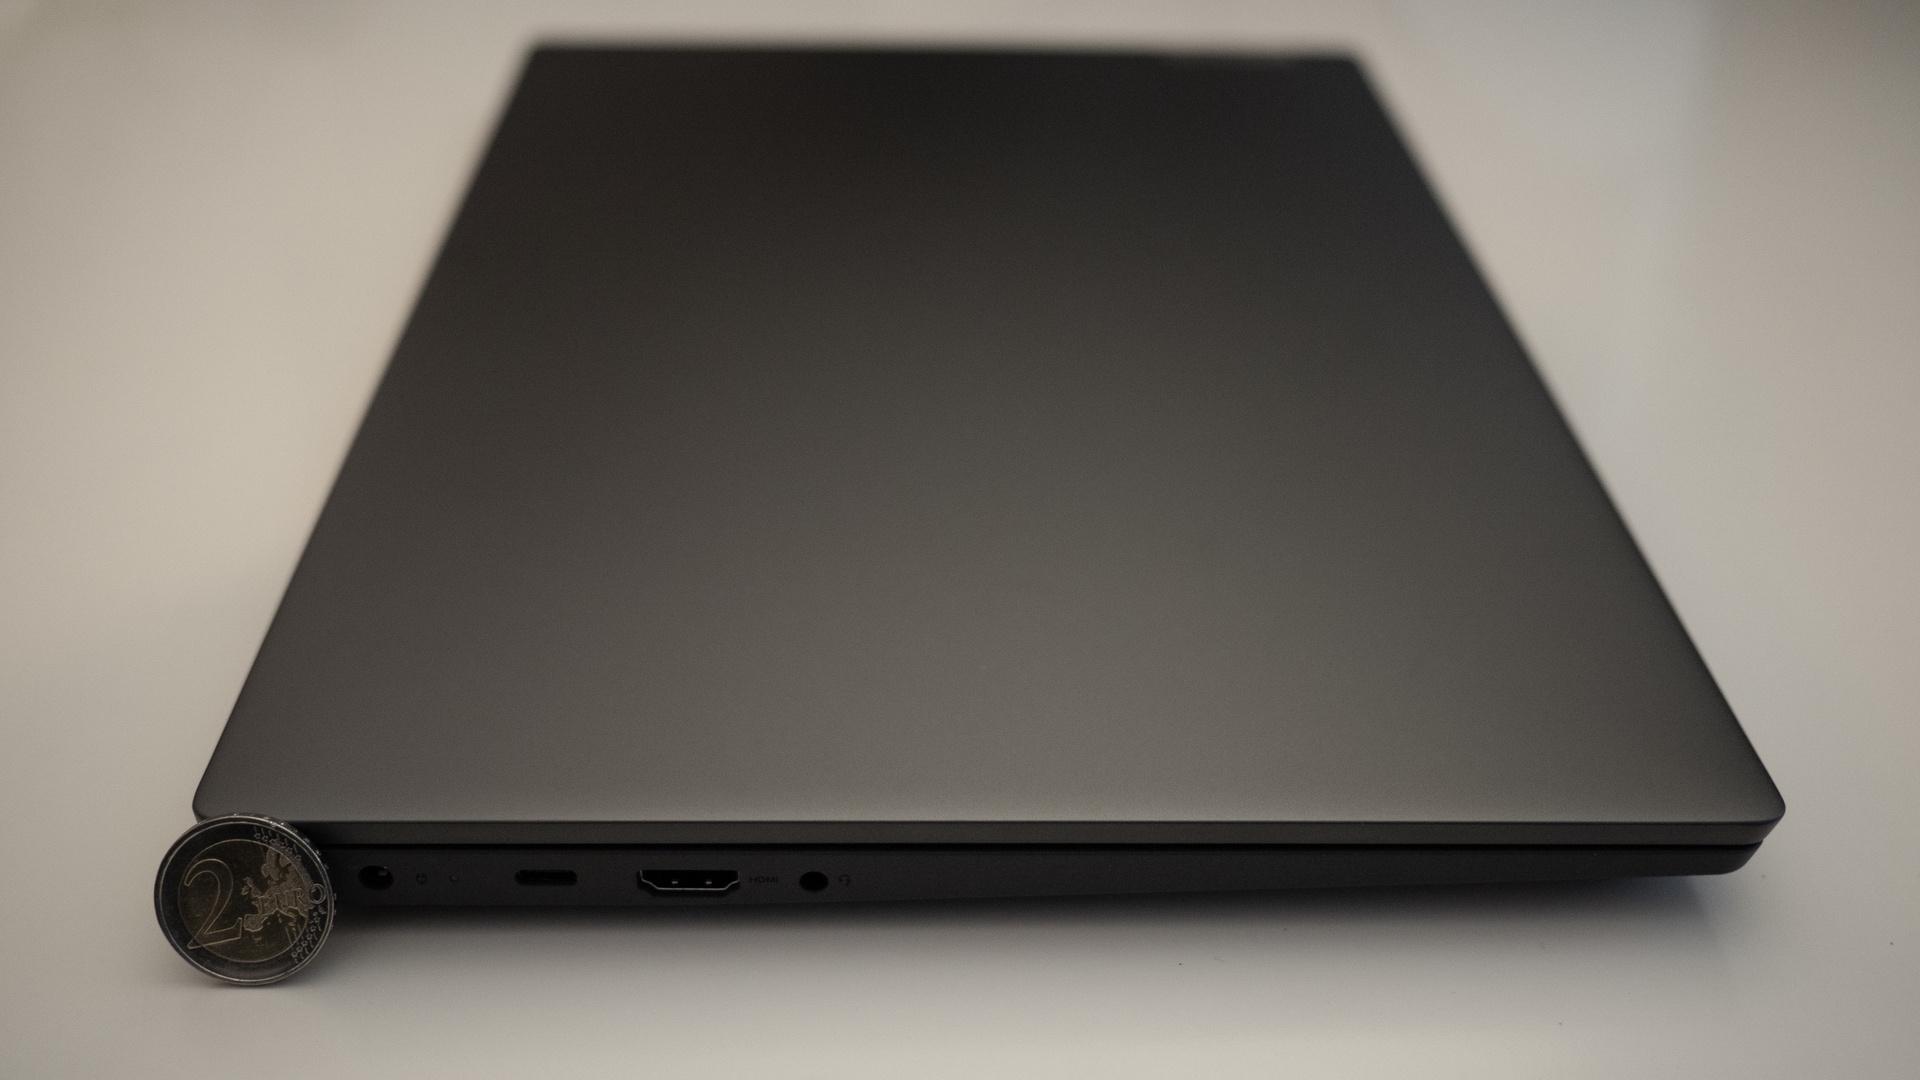 Lenovo IdeaPad 5